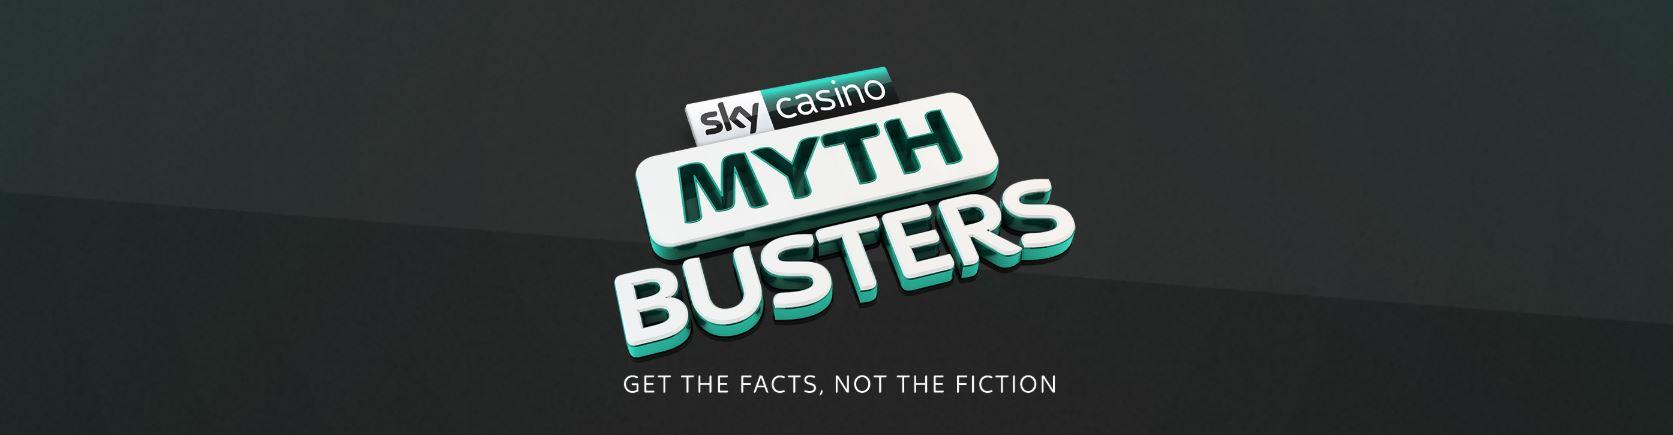 Skycasino tiene salas de ruleta y poker en su web.